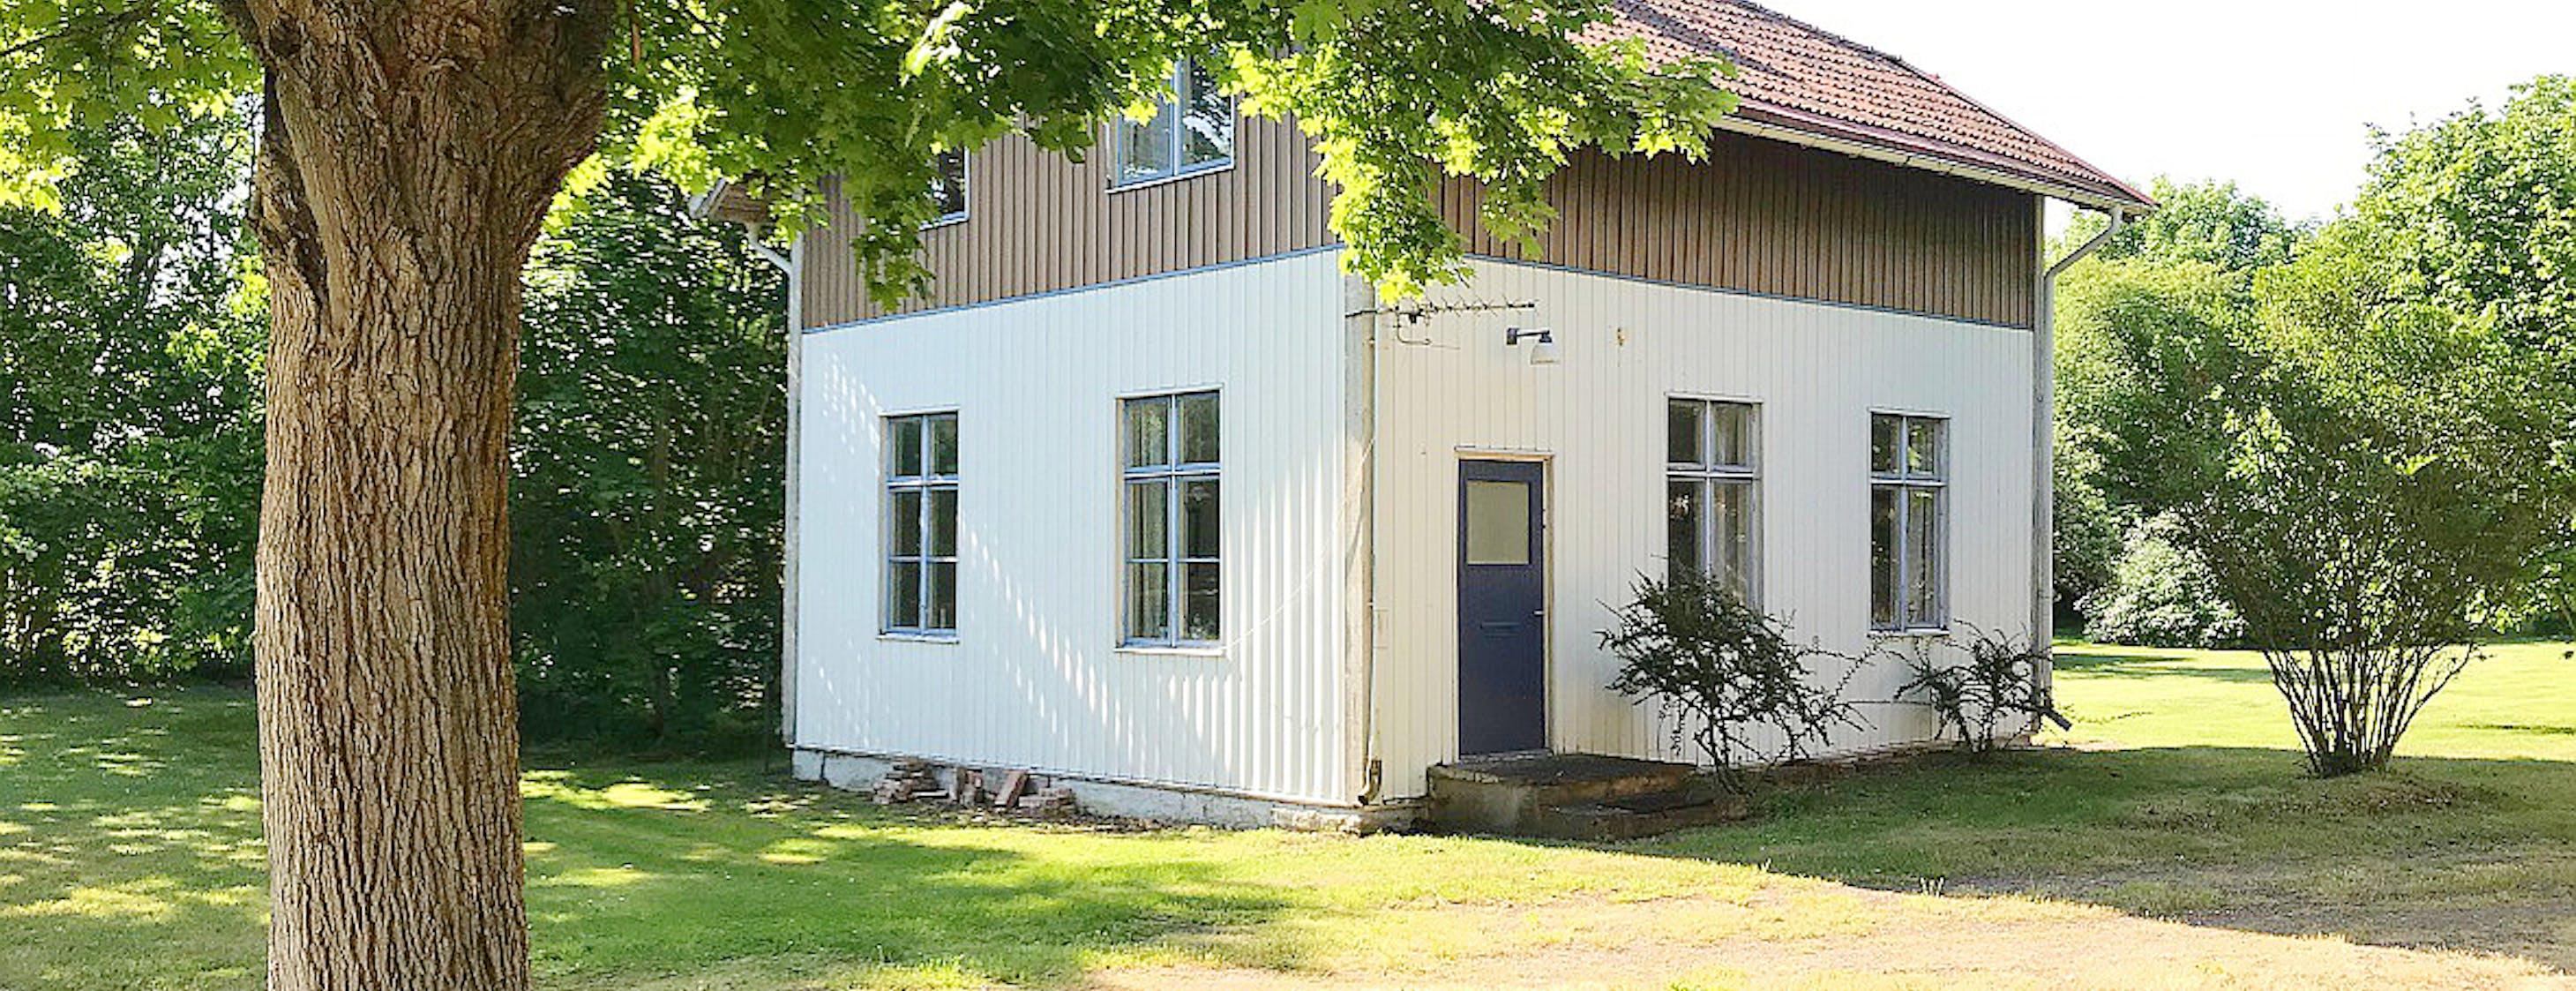 Södvik bygata 3 Södvik